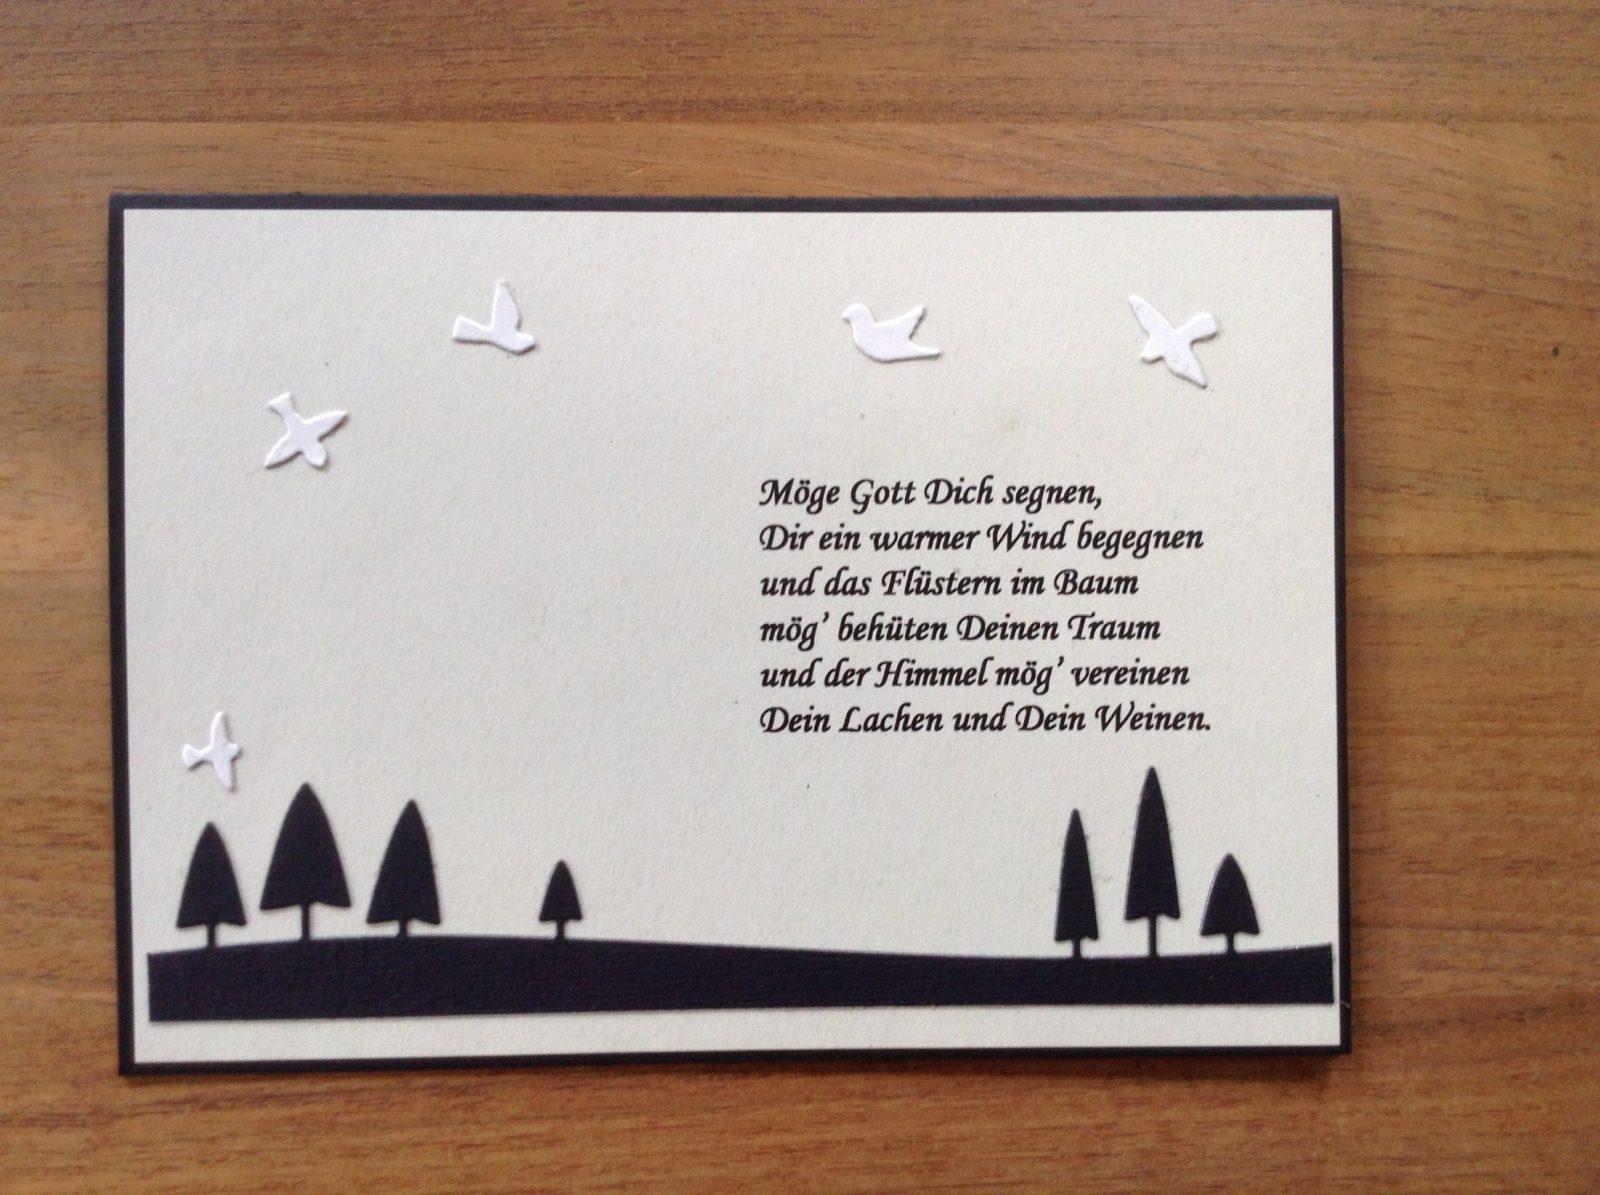 Leinwand Selbst Gestalten Mit Text Amazing Wunderschne Leinwand von Leinwand Mit Spruch Selbst Gestalten Bild